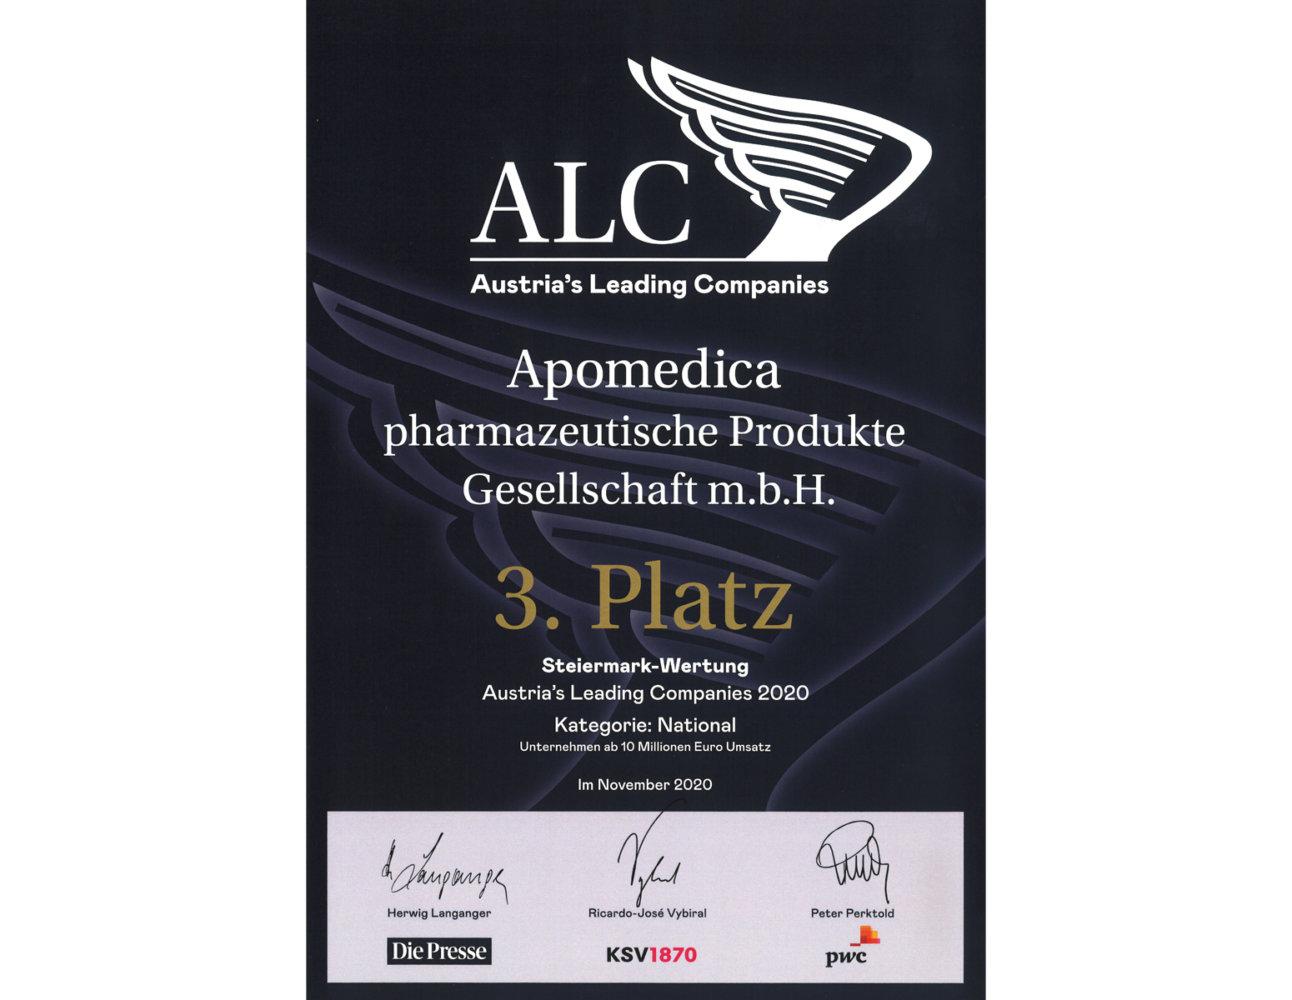 3. Platz für Apomedica bei den ALC Awards 2020